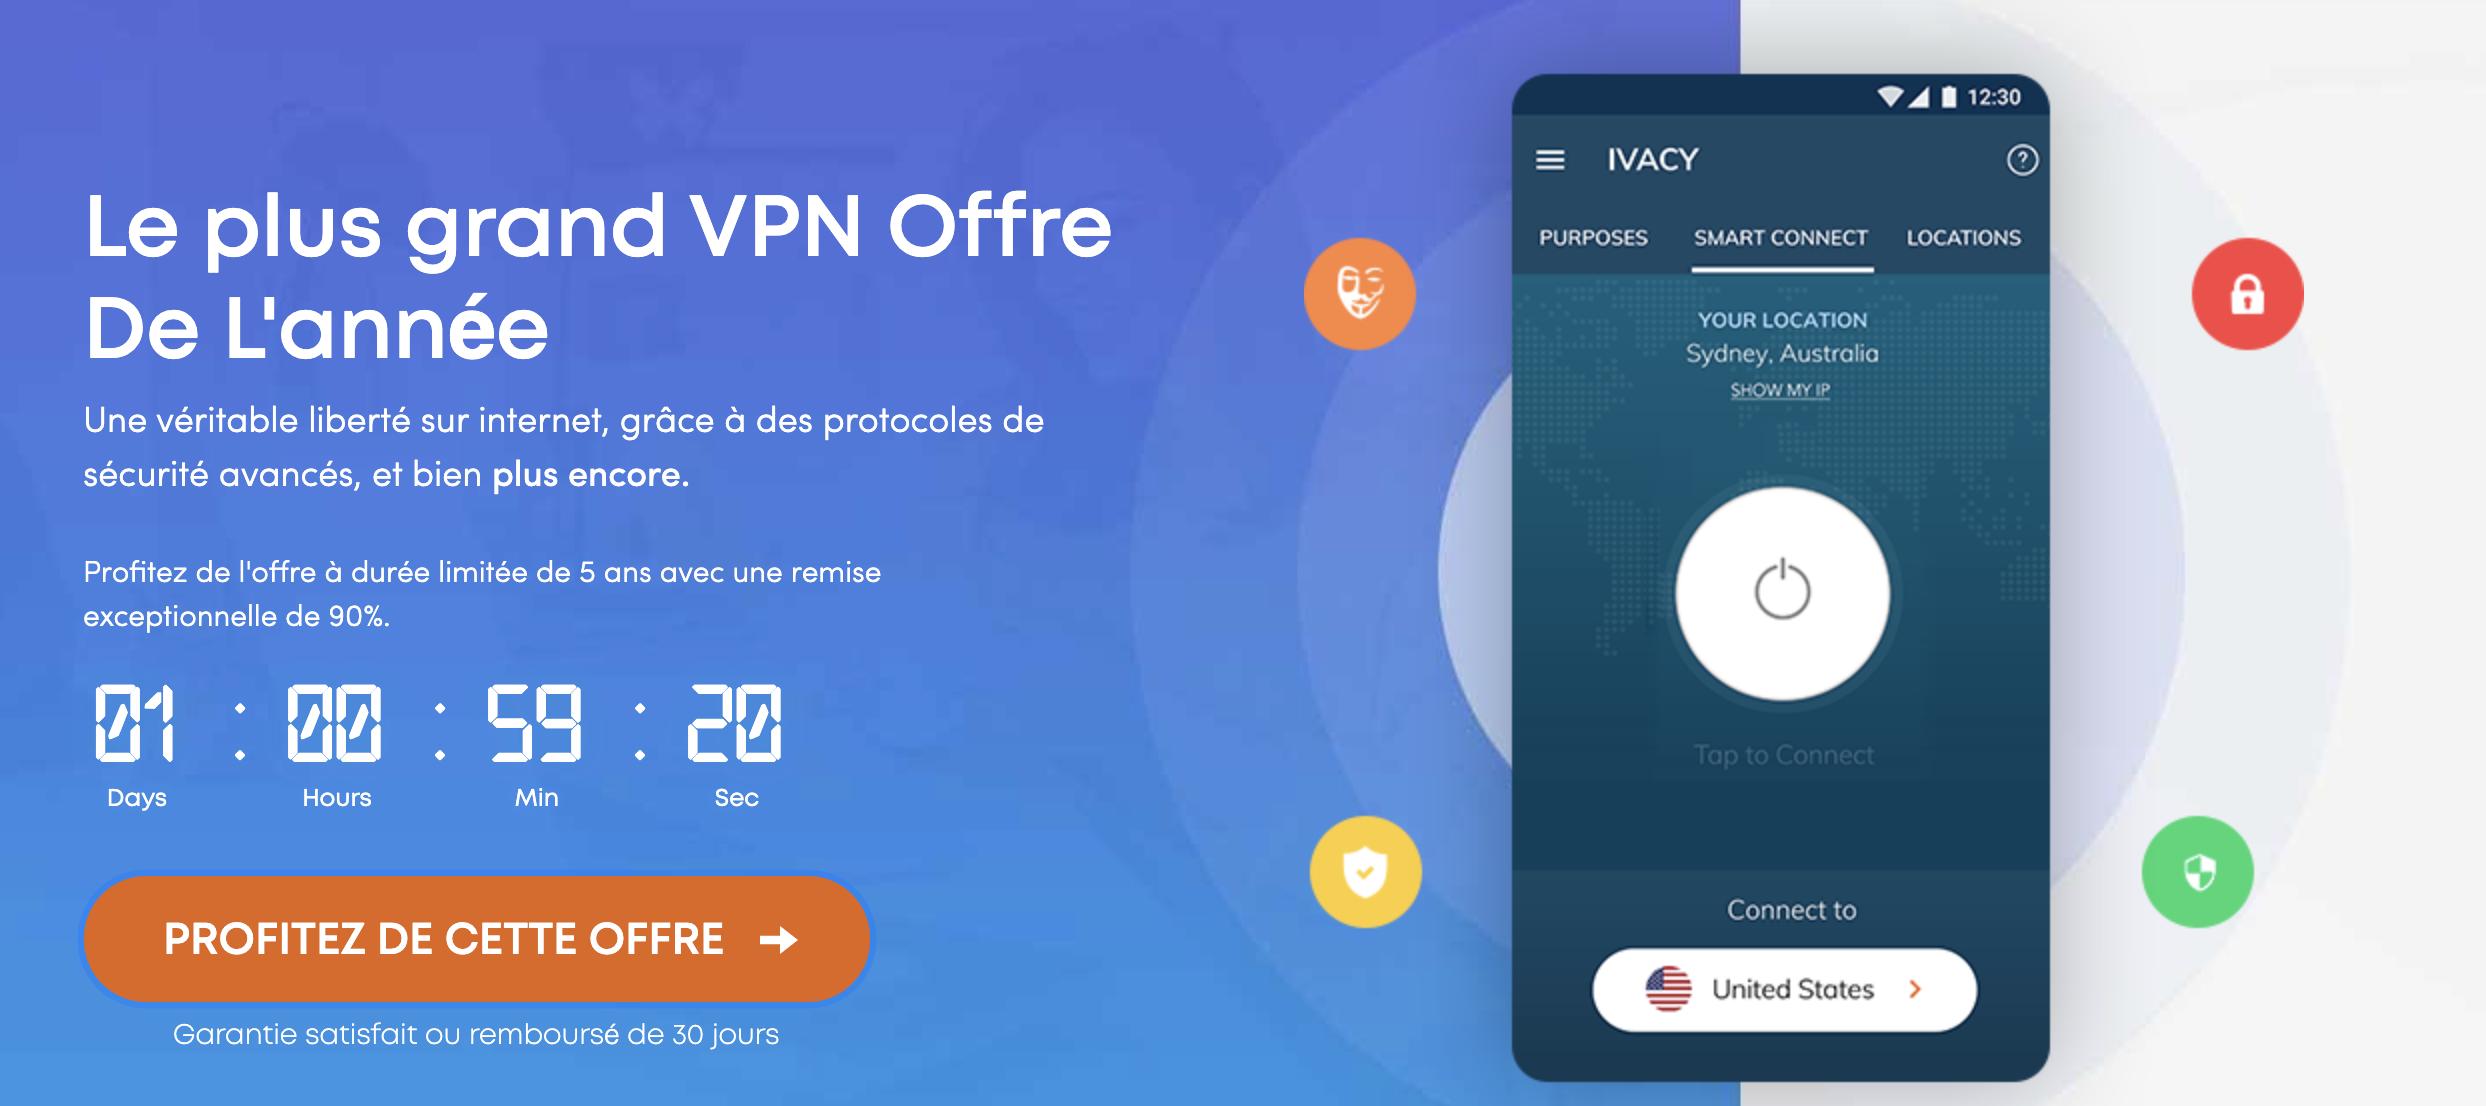 Ivacy : la solution VPN complète 2,04€ par mois